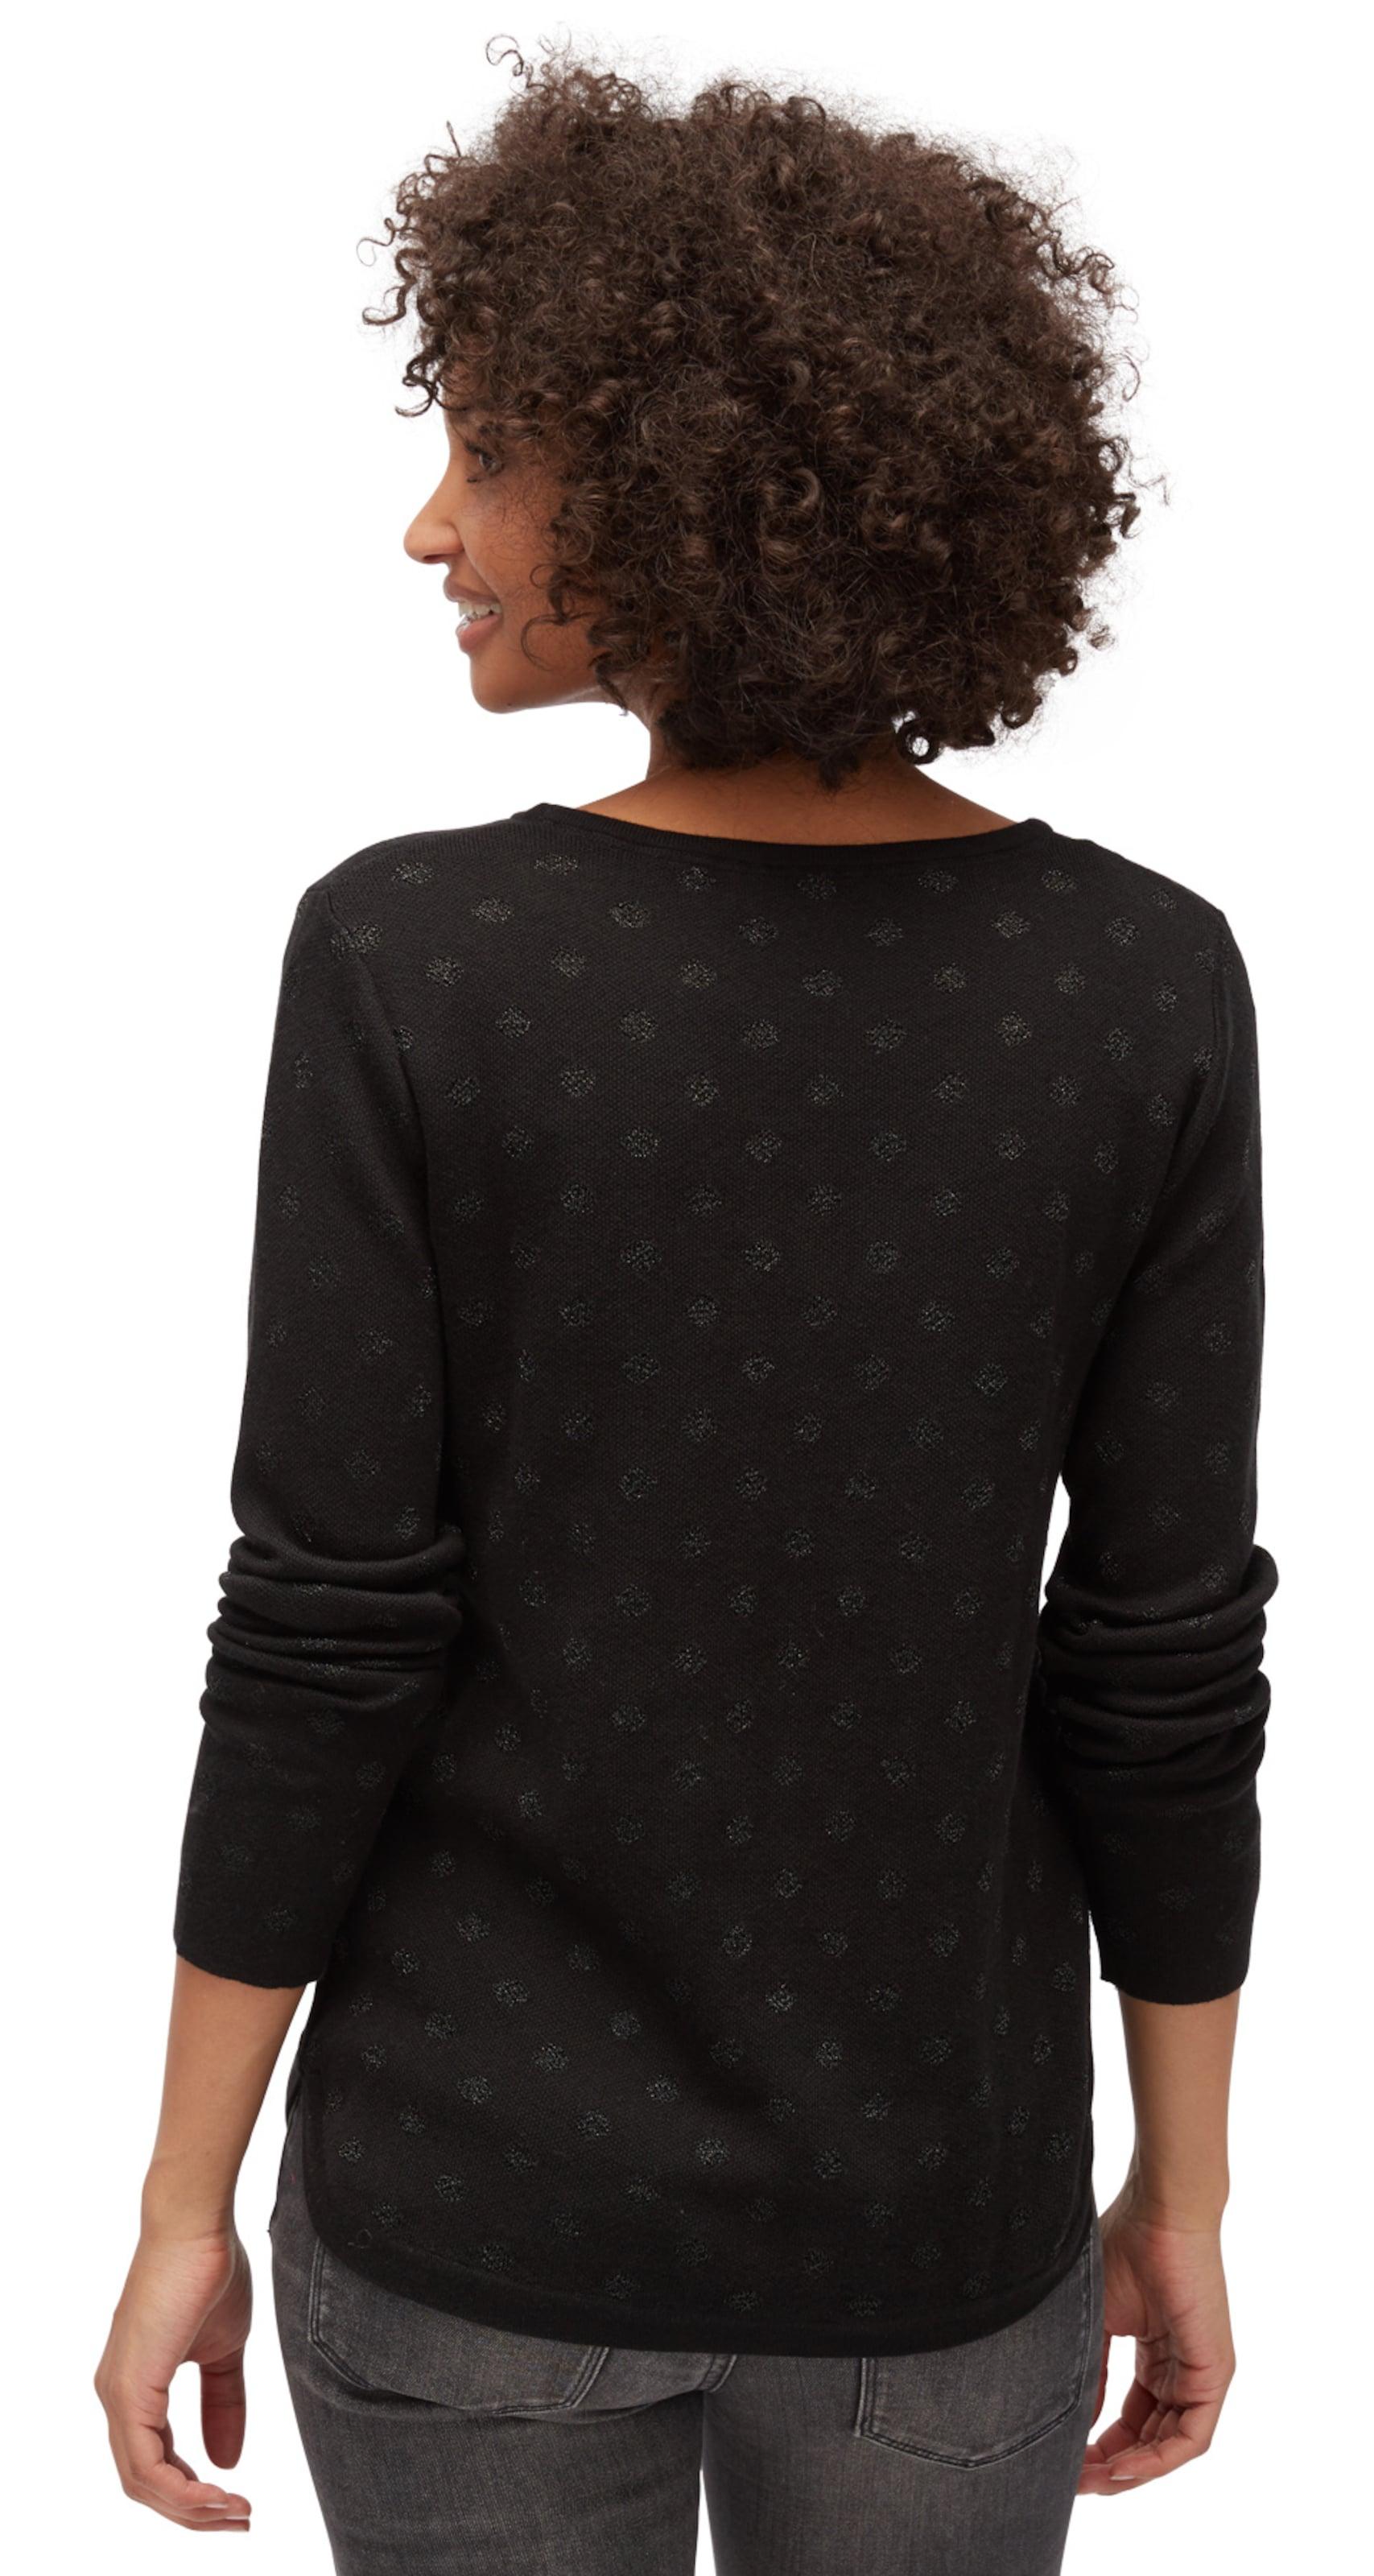 Outlet Neueste TOM TAILOR knit gepunkteter Pullover Outlet Erschwinglich Erkunden Perfekt Zum Verkauf Orange 100% Original s533xdmLe3